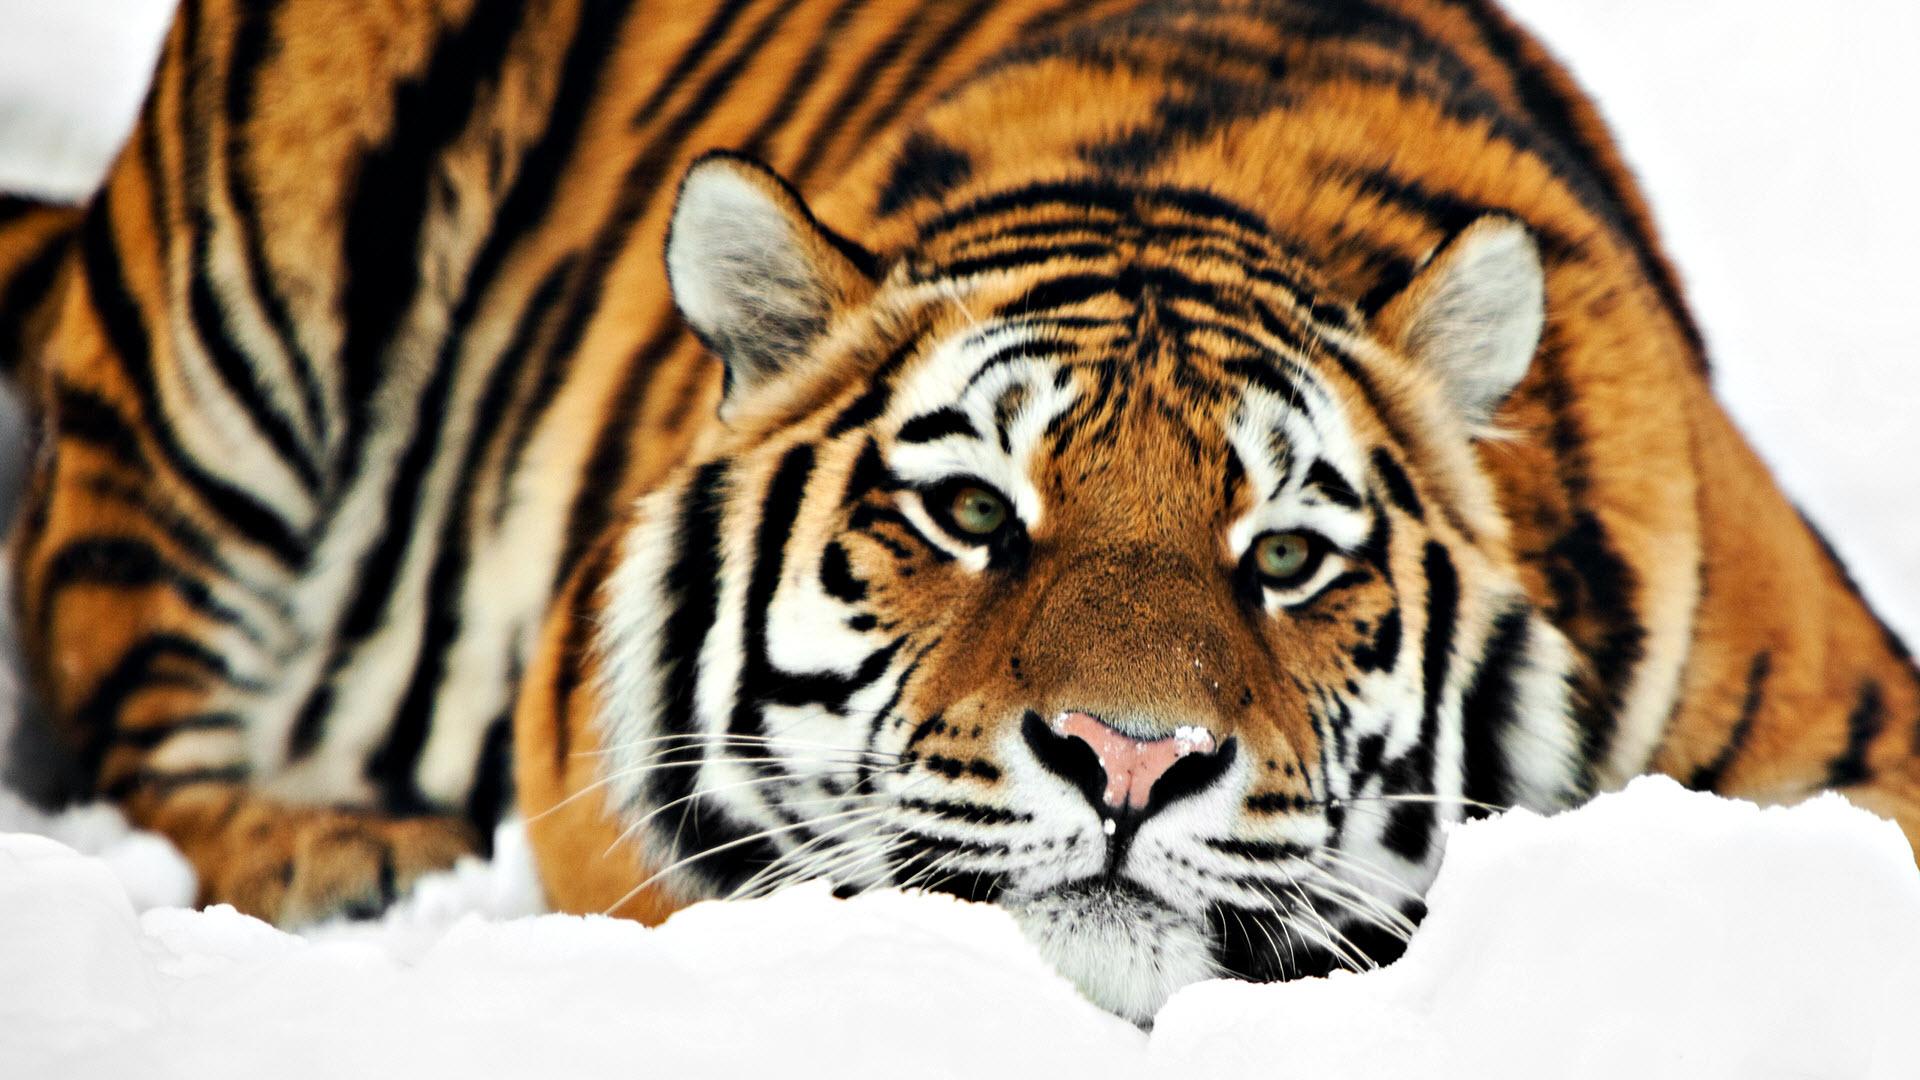 Espectaculares fotos de animales 18